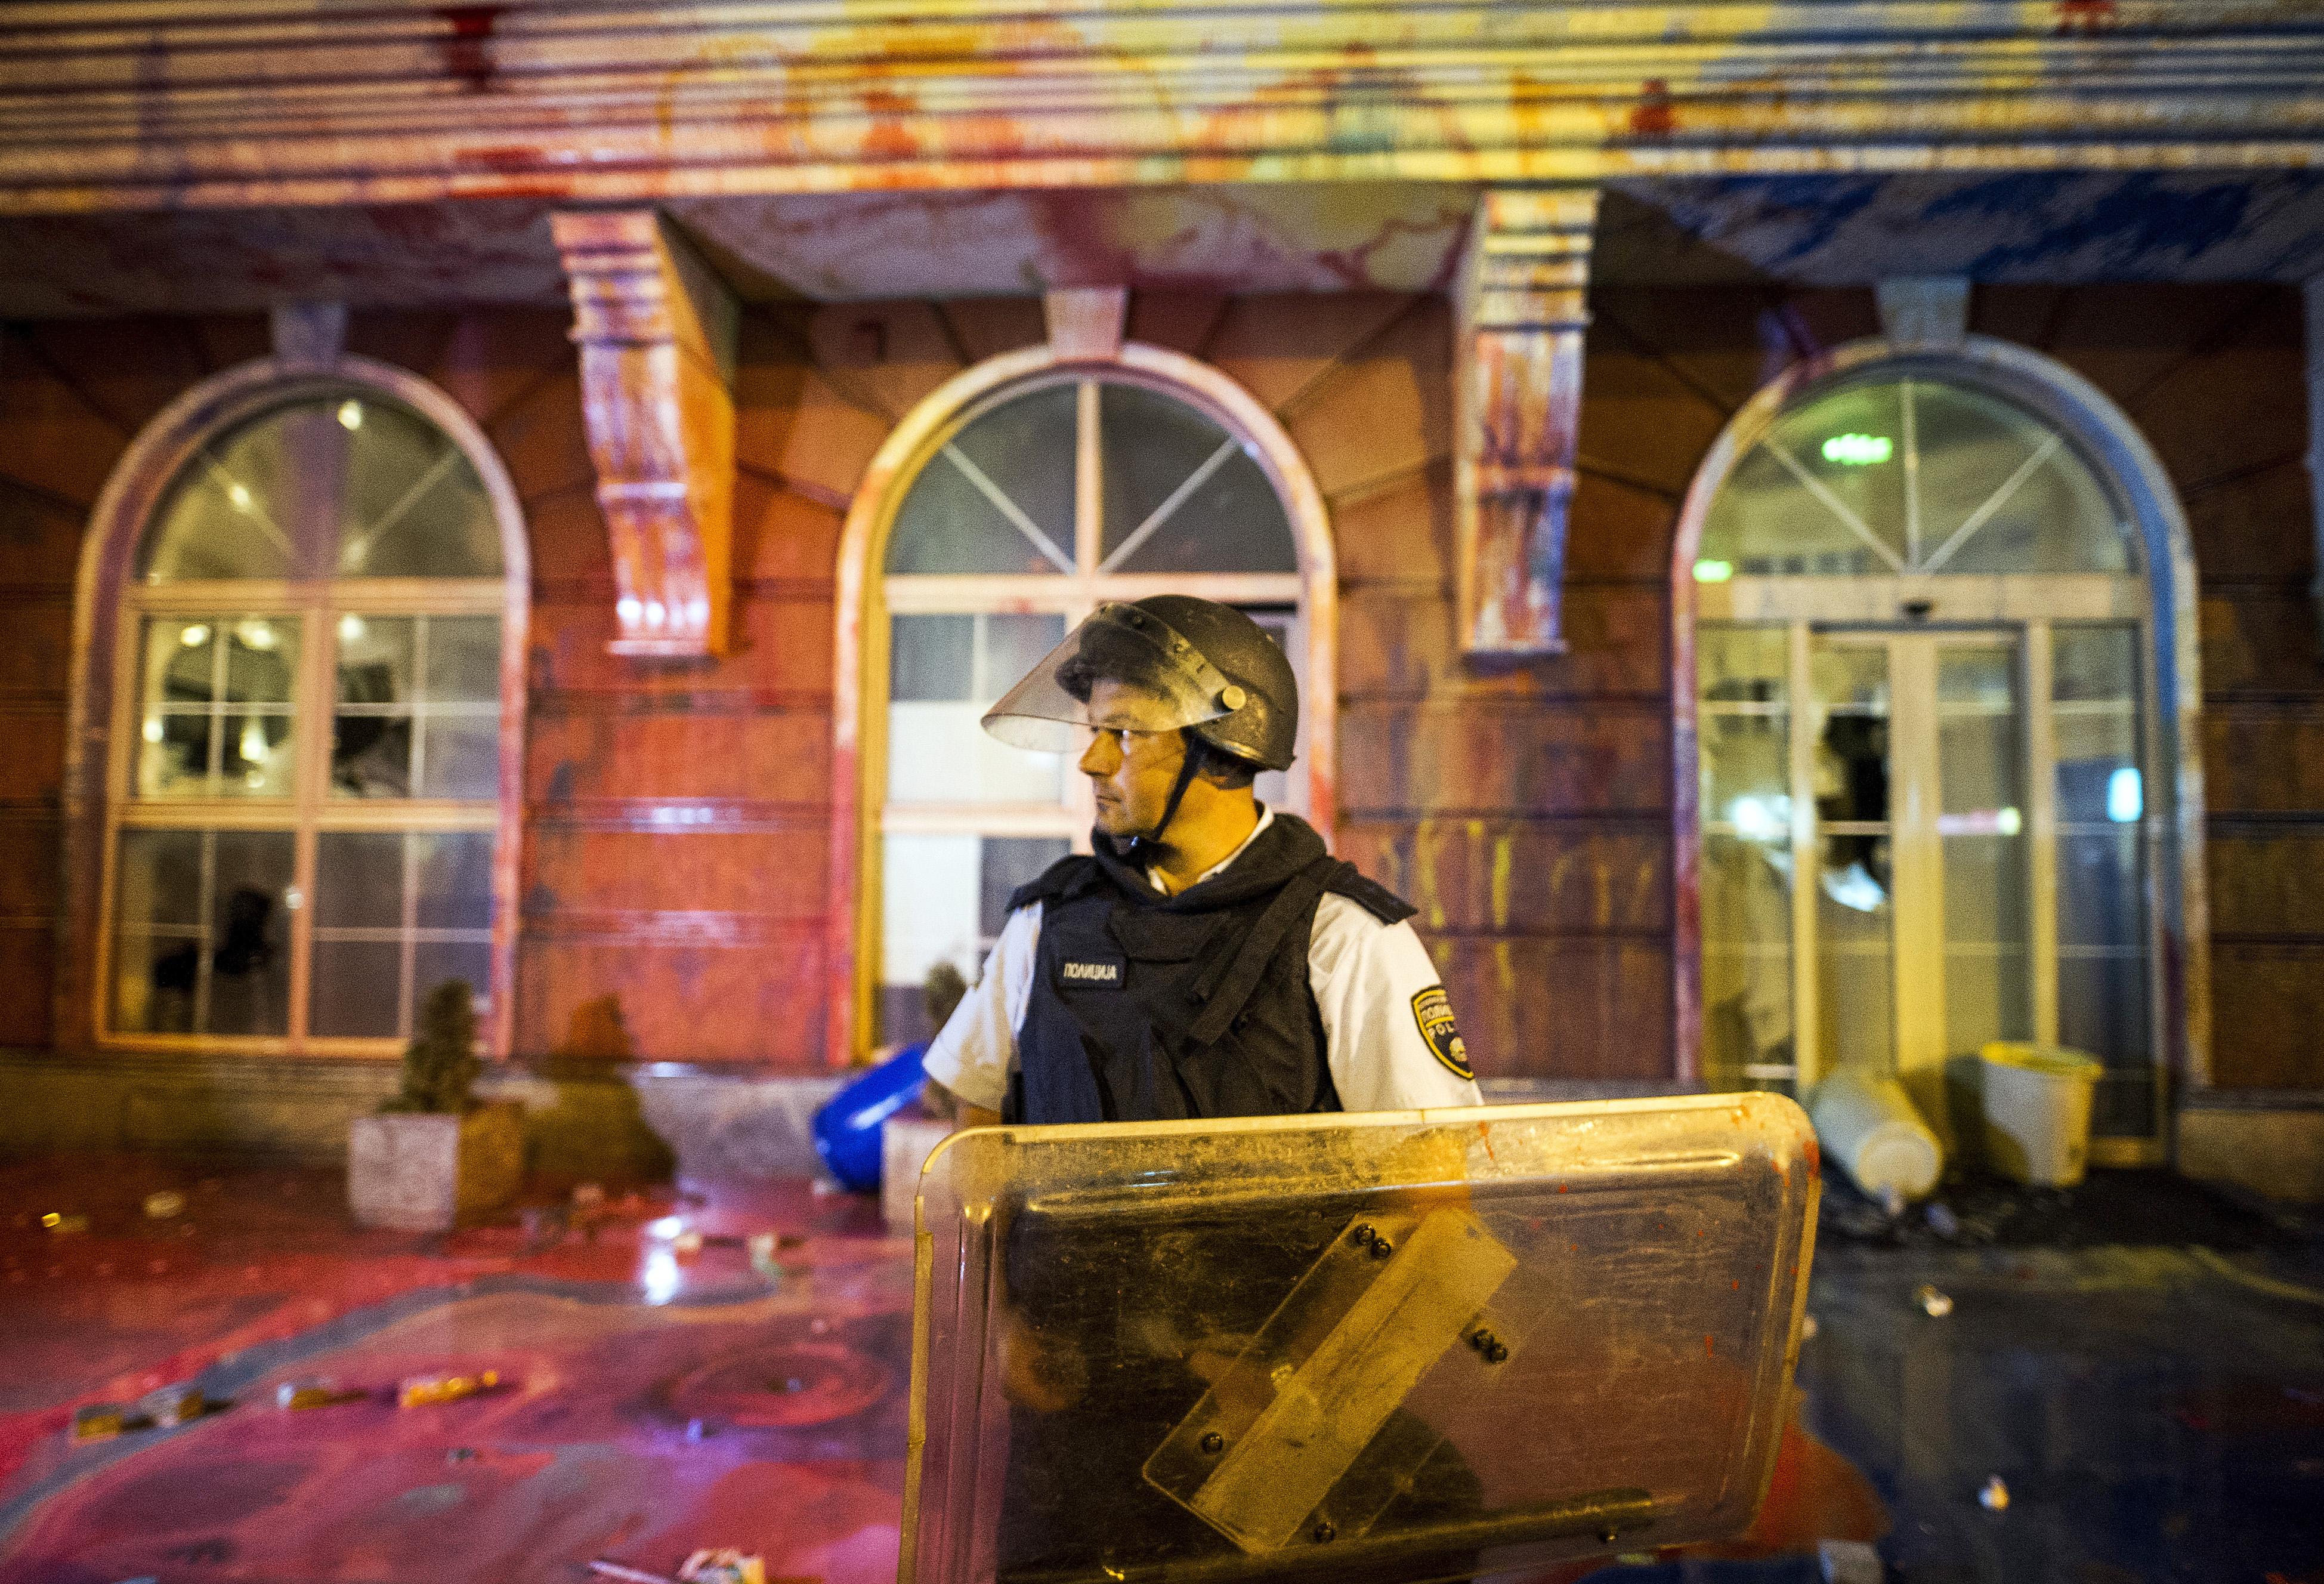 Már törnek a minisztériumi ablakok a macedón korrupcióellenes tüntetésen